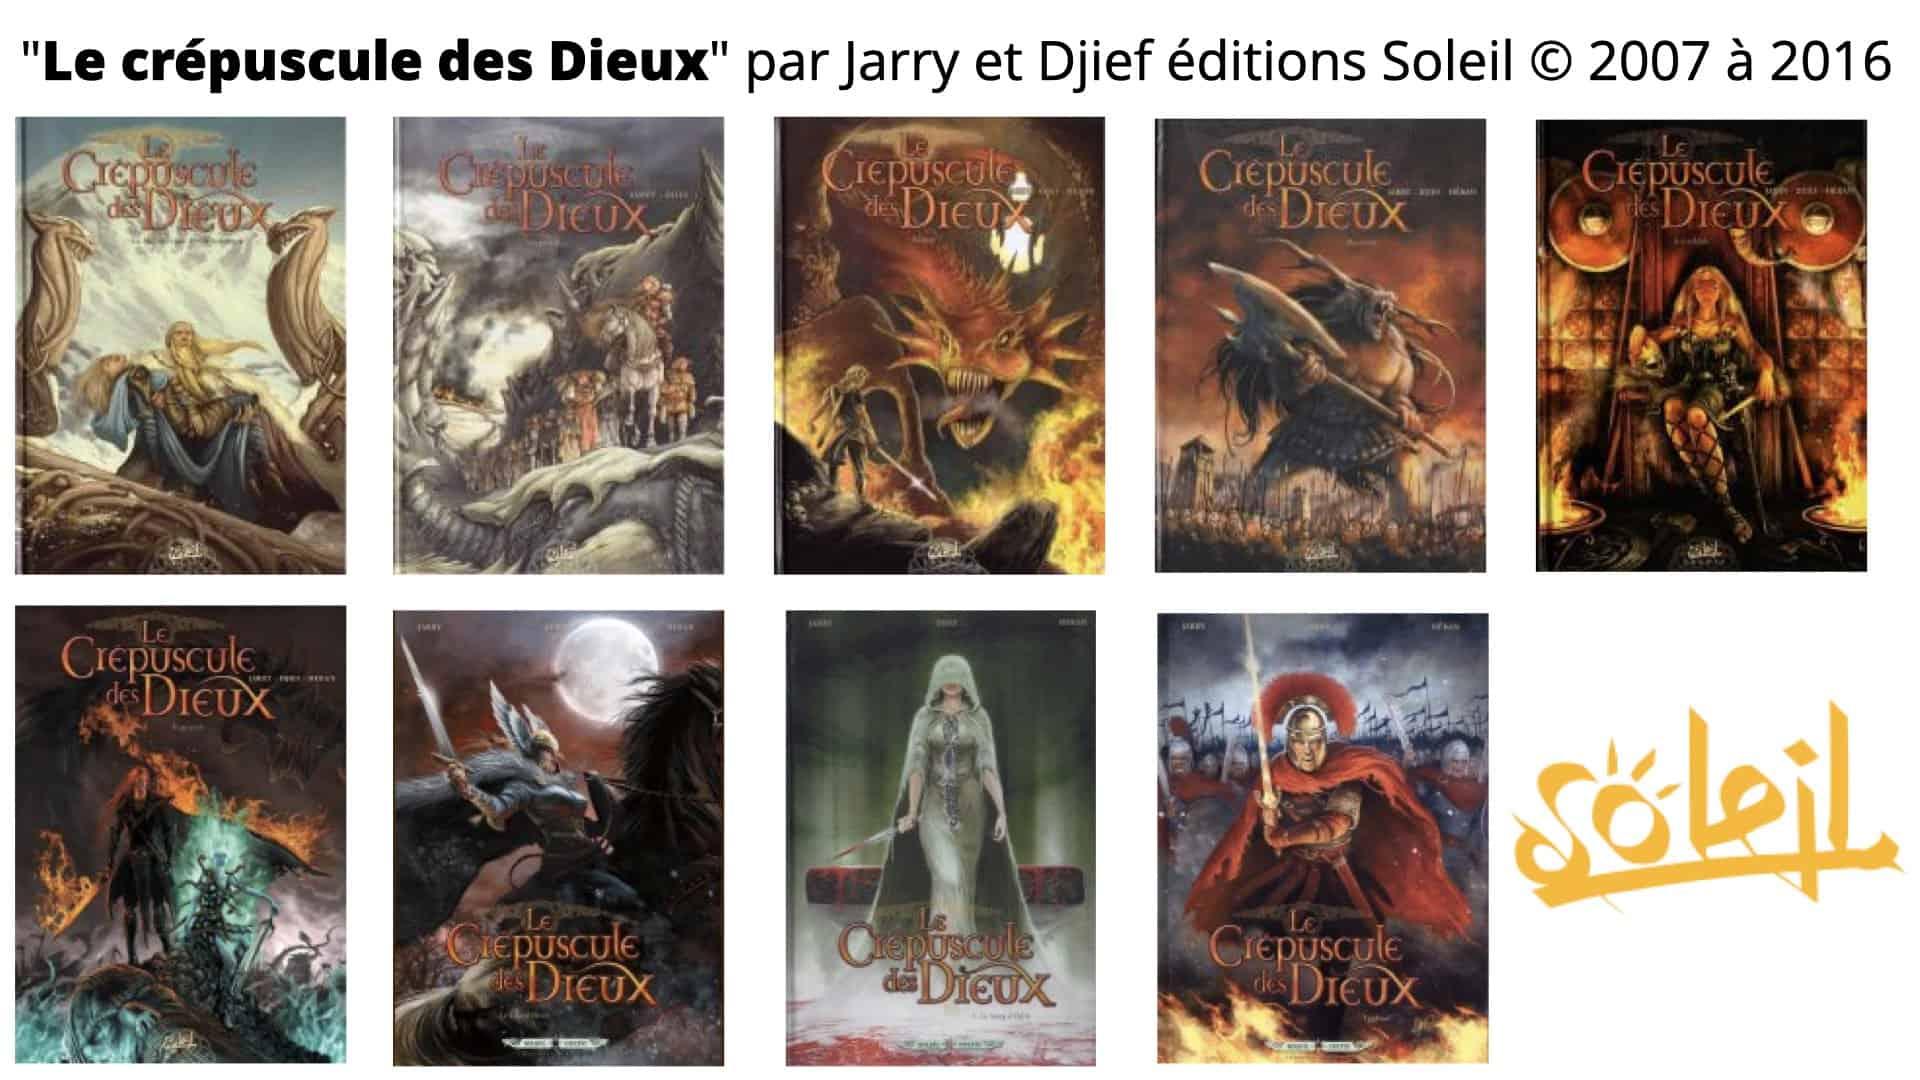 générique Delcourt Soleil 2021 ***16:9***.020